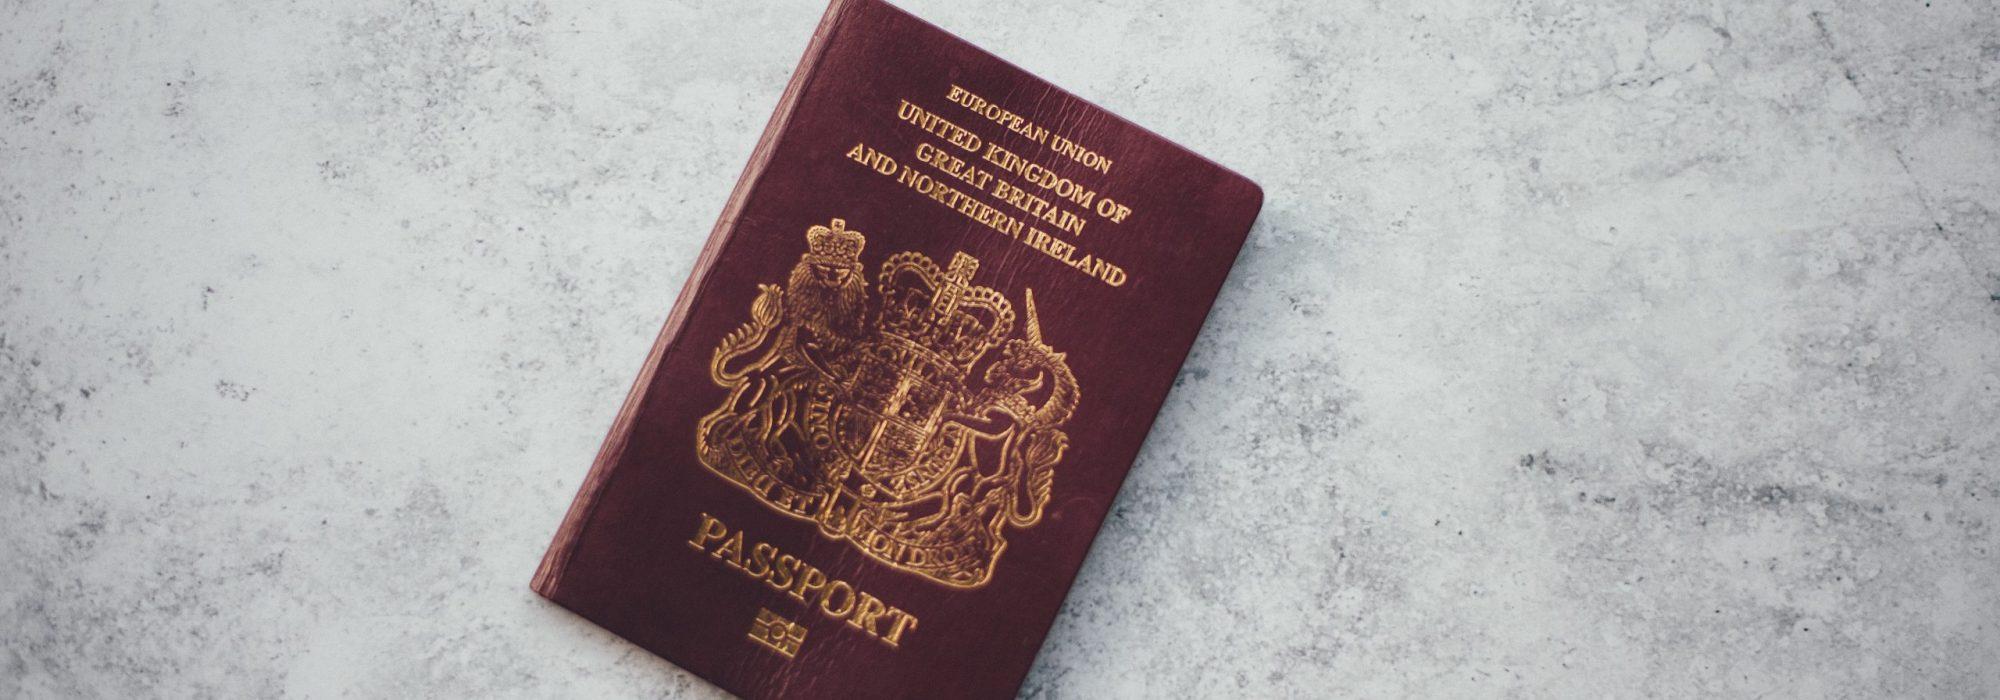 passportannie-spratt-466676-unsplash